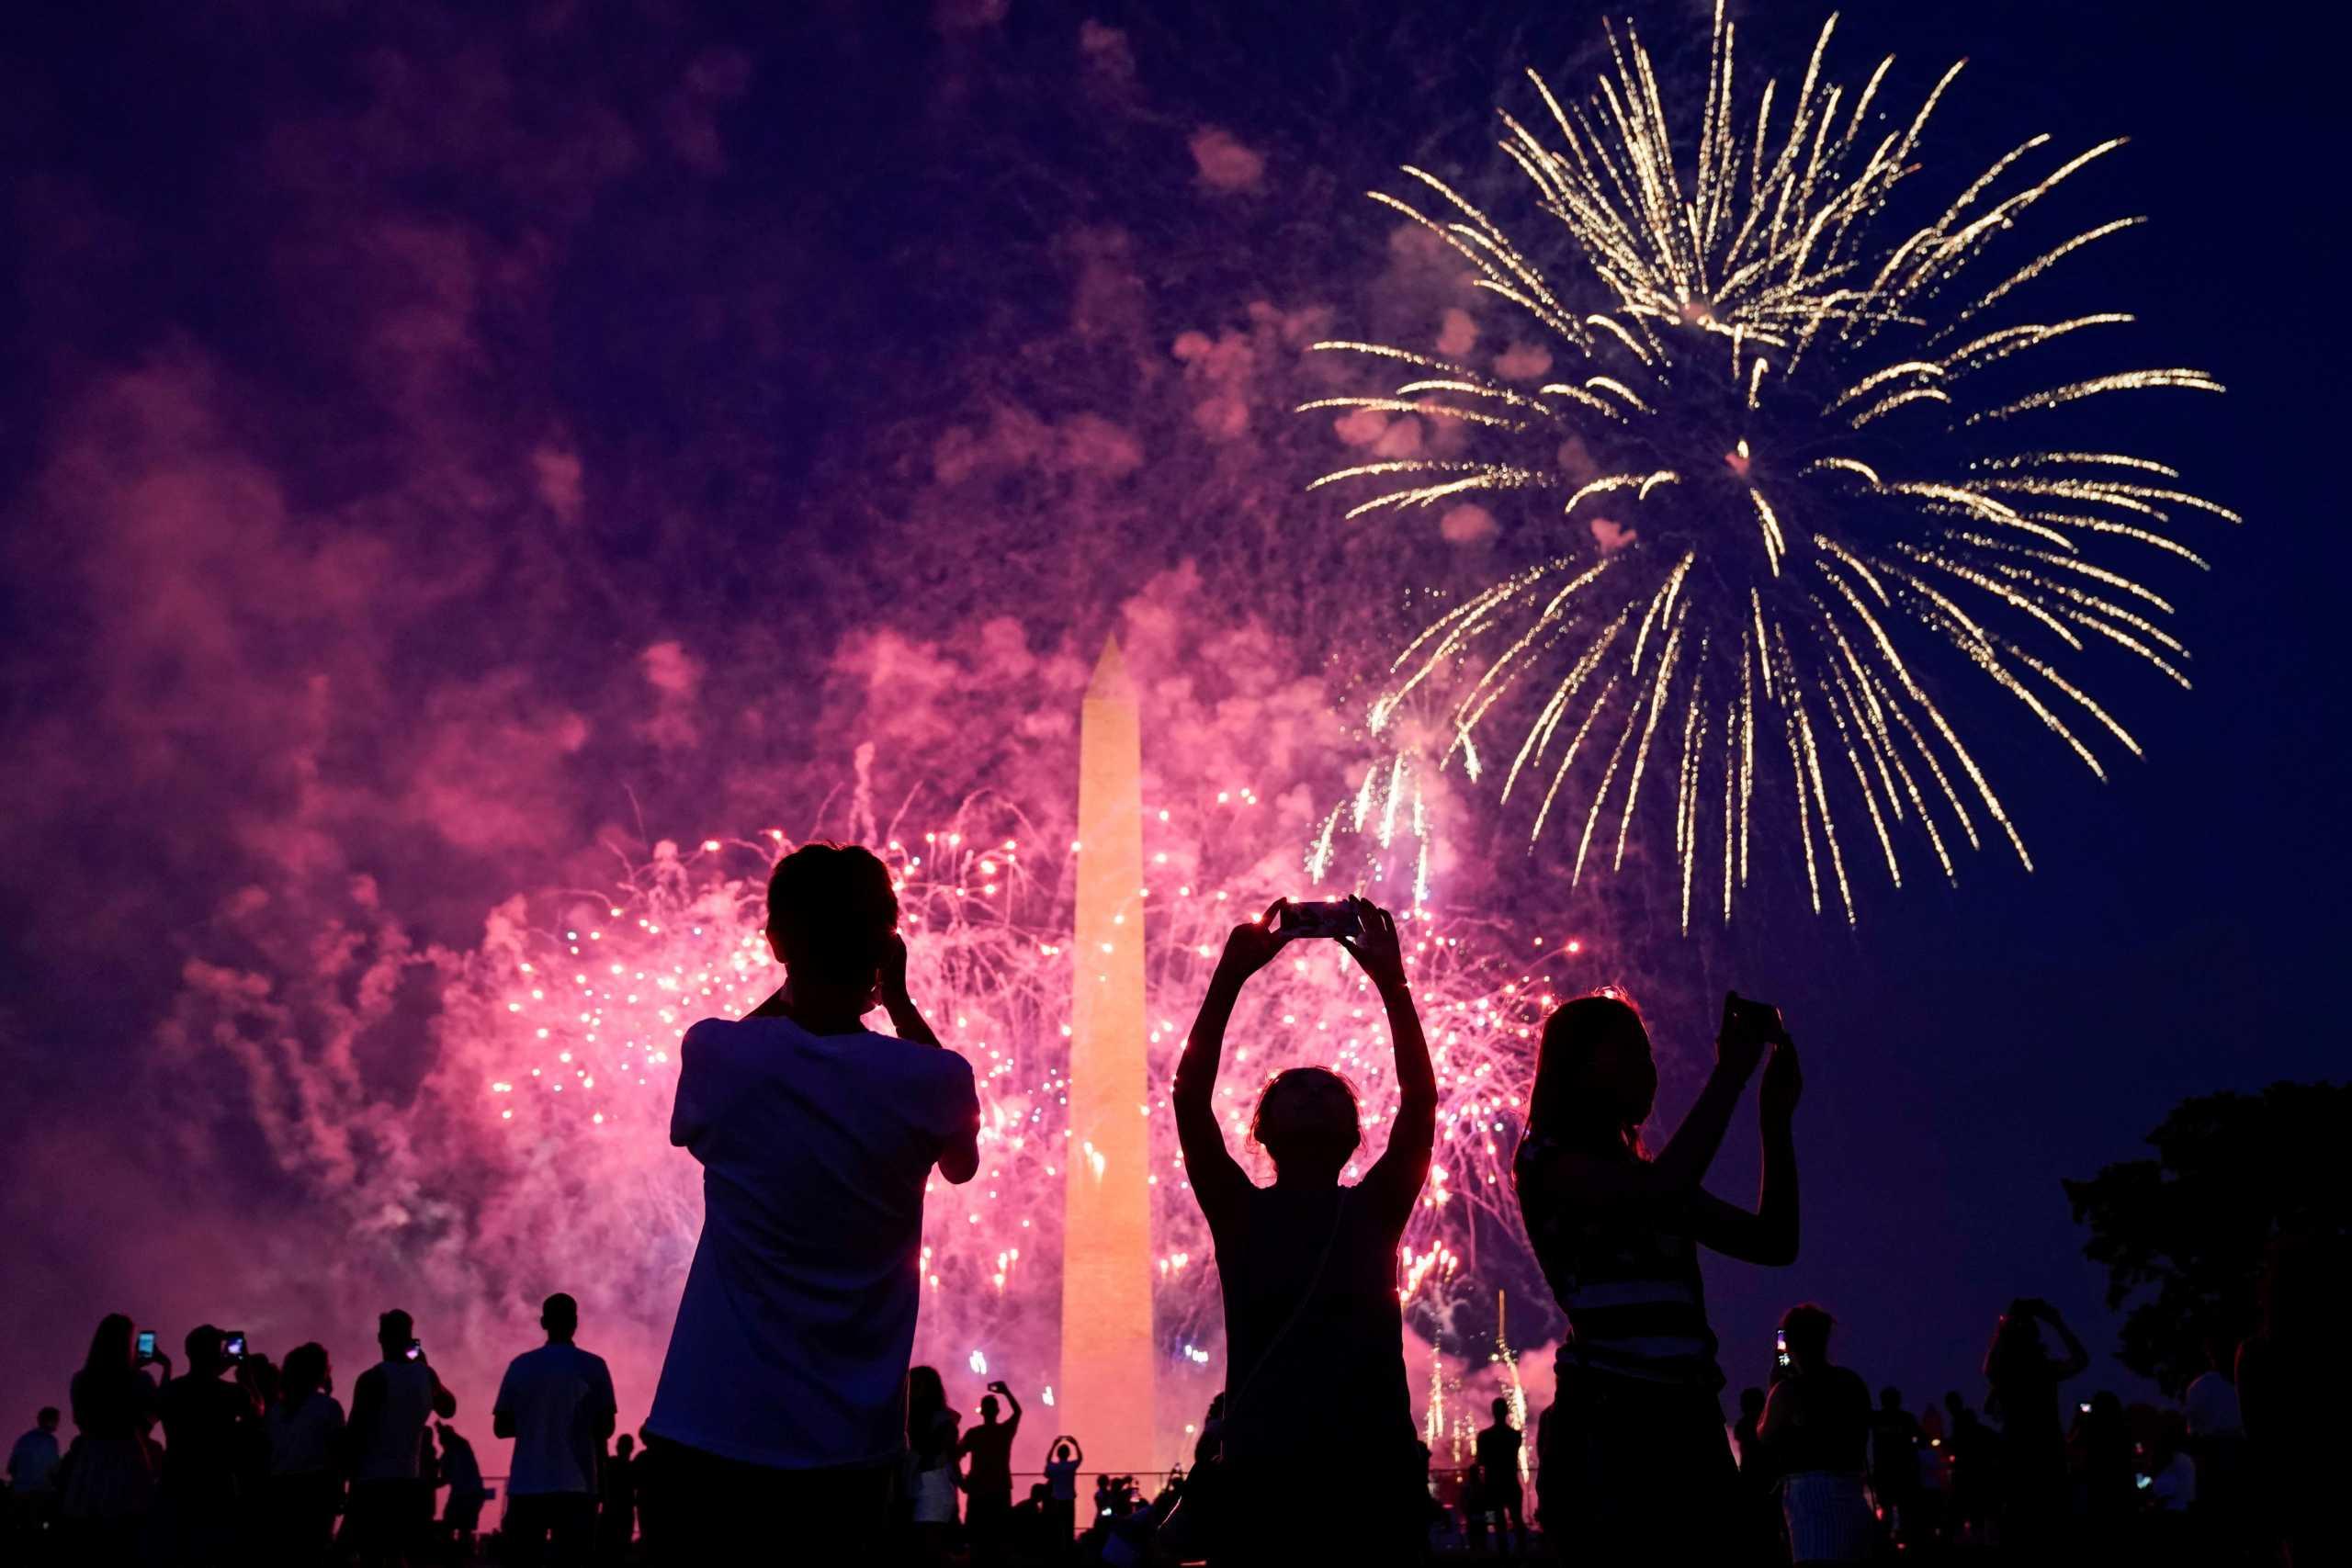 Λευκός Οίκος: Ο Τζο Μπάιντεν θα τιμήσει την 4η Ιουλίου με μπέργκερ και πυροτεχνήματα